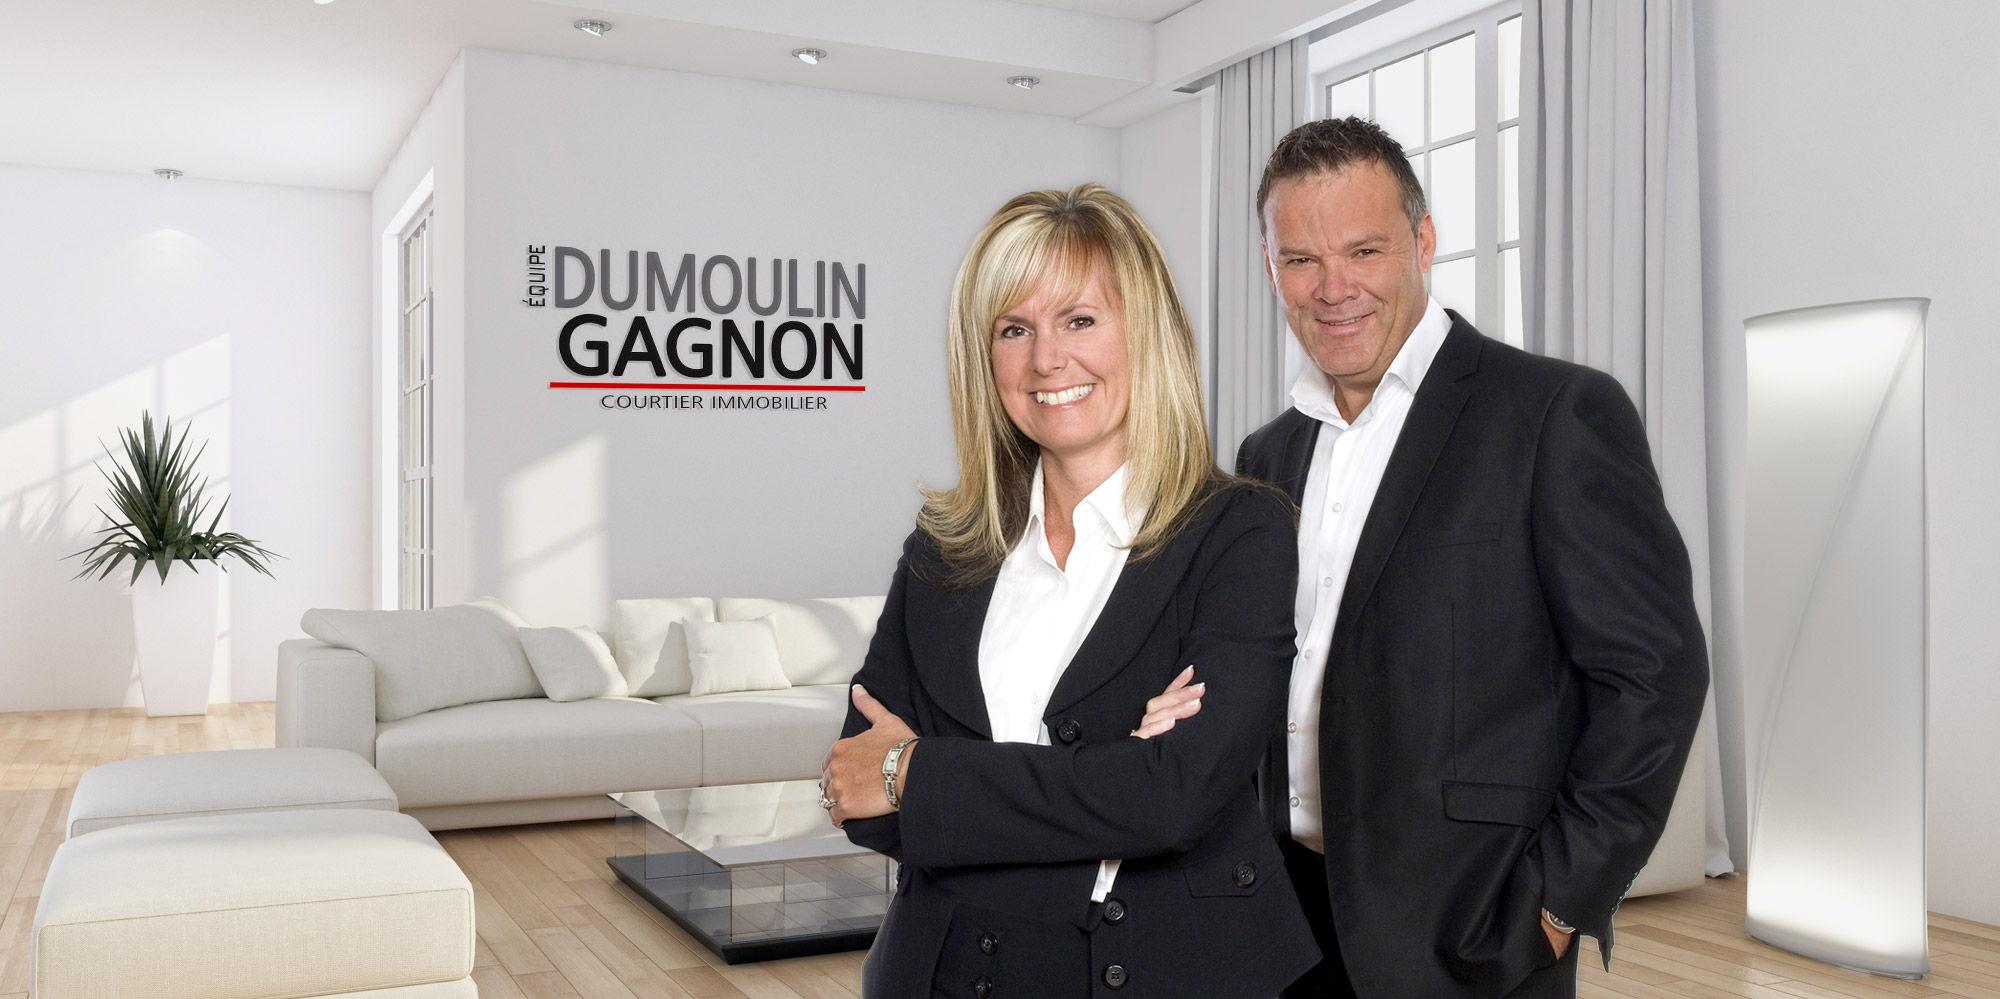 Équipe Dumoulin Gagnon